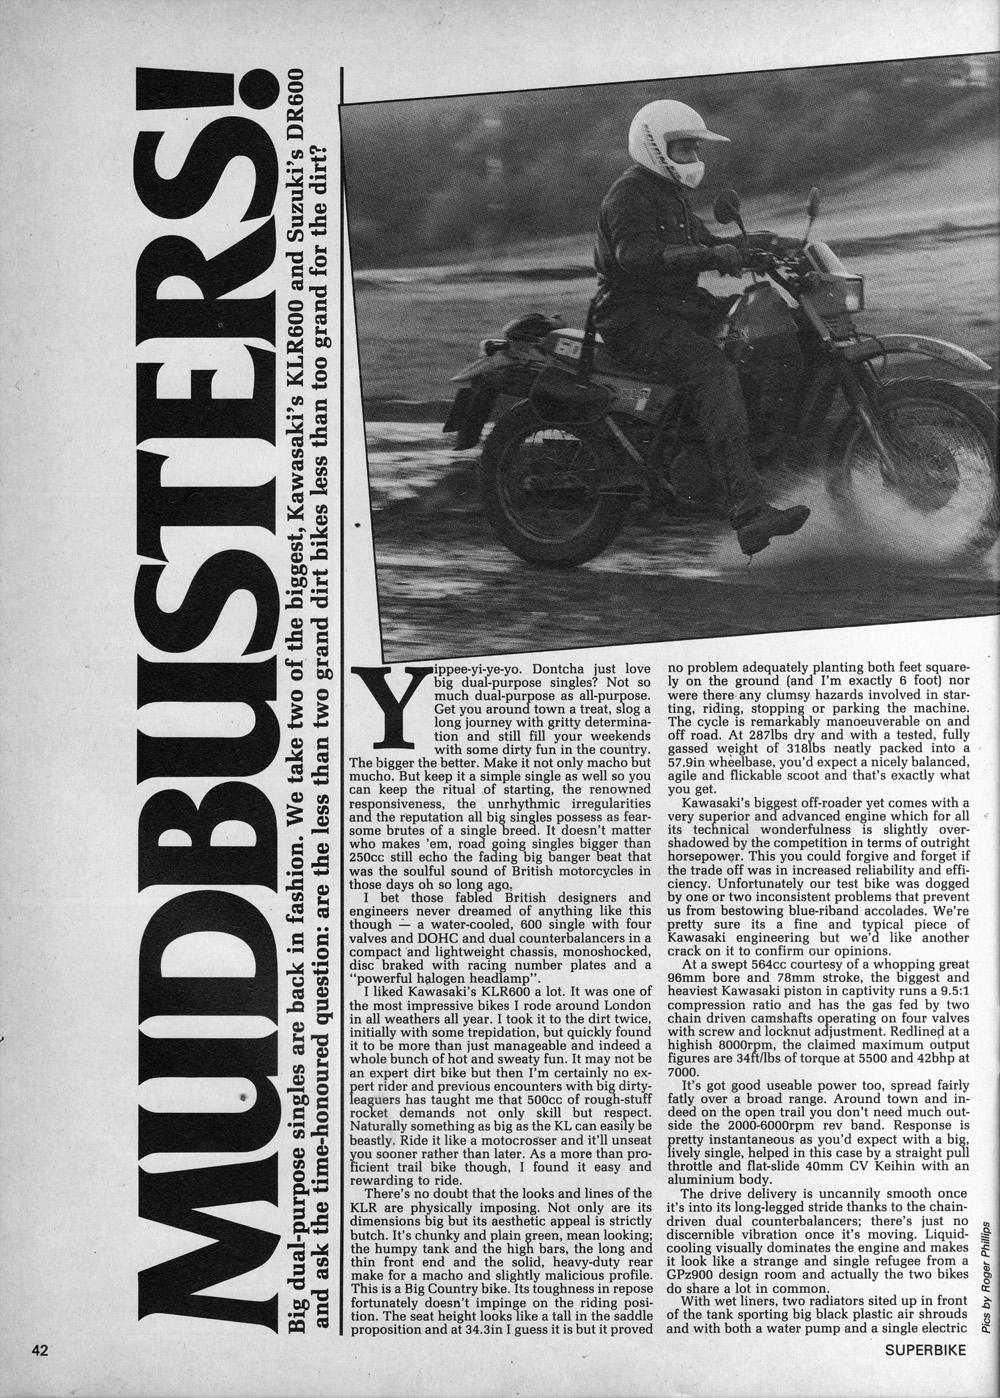 1985 Kawasaki KLR600 vs Suzuki DR600 road test 01.jpg